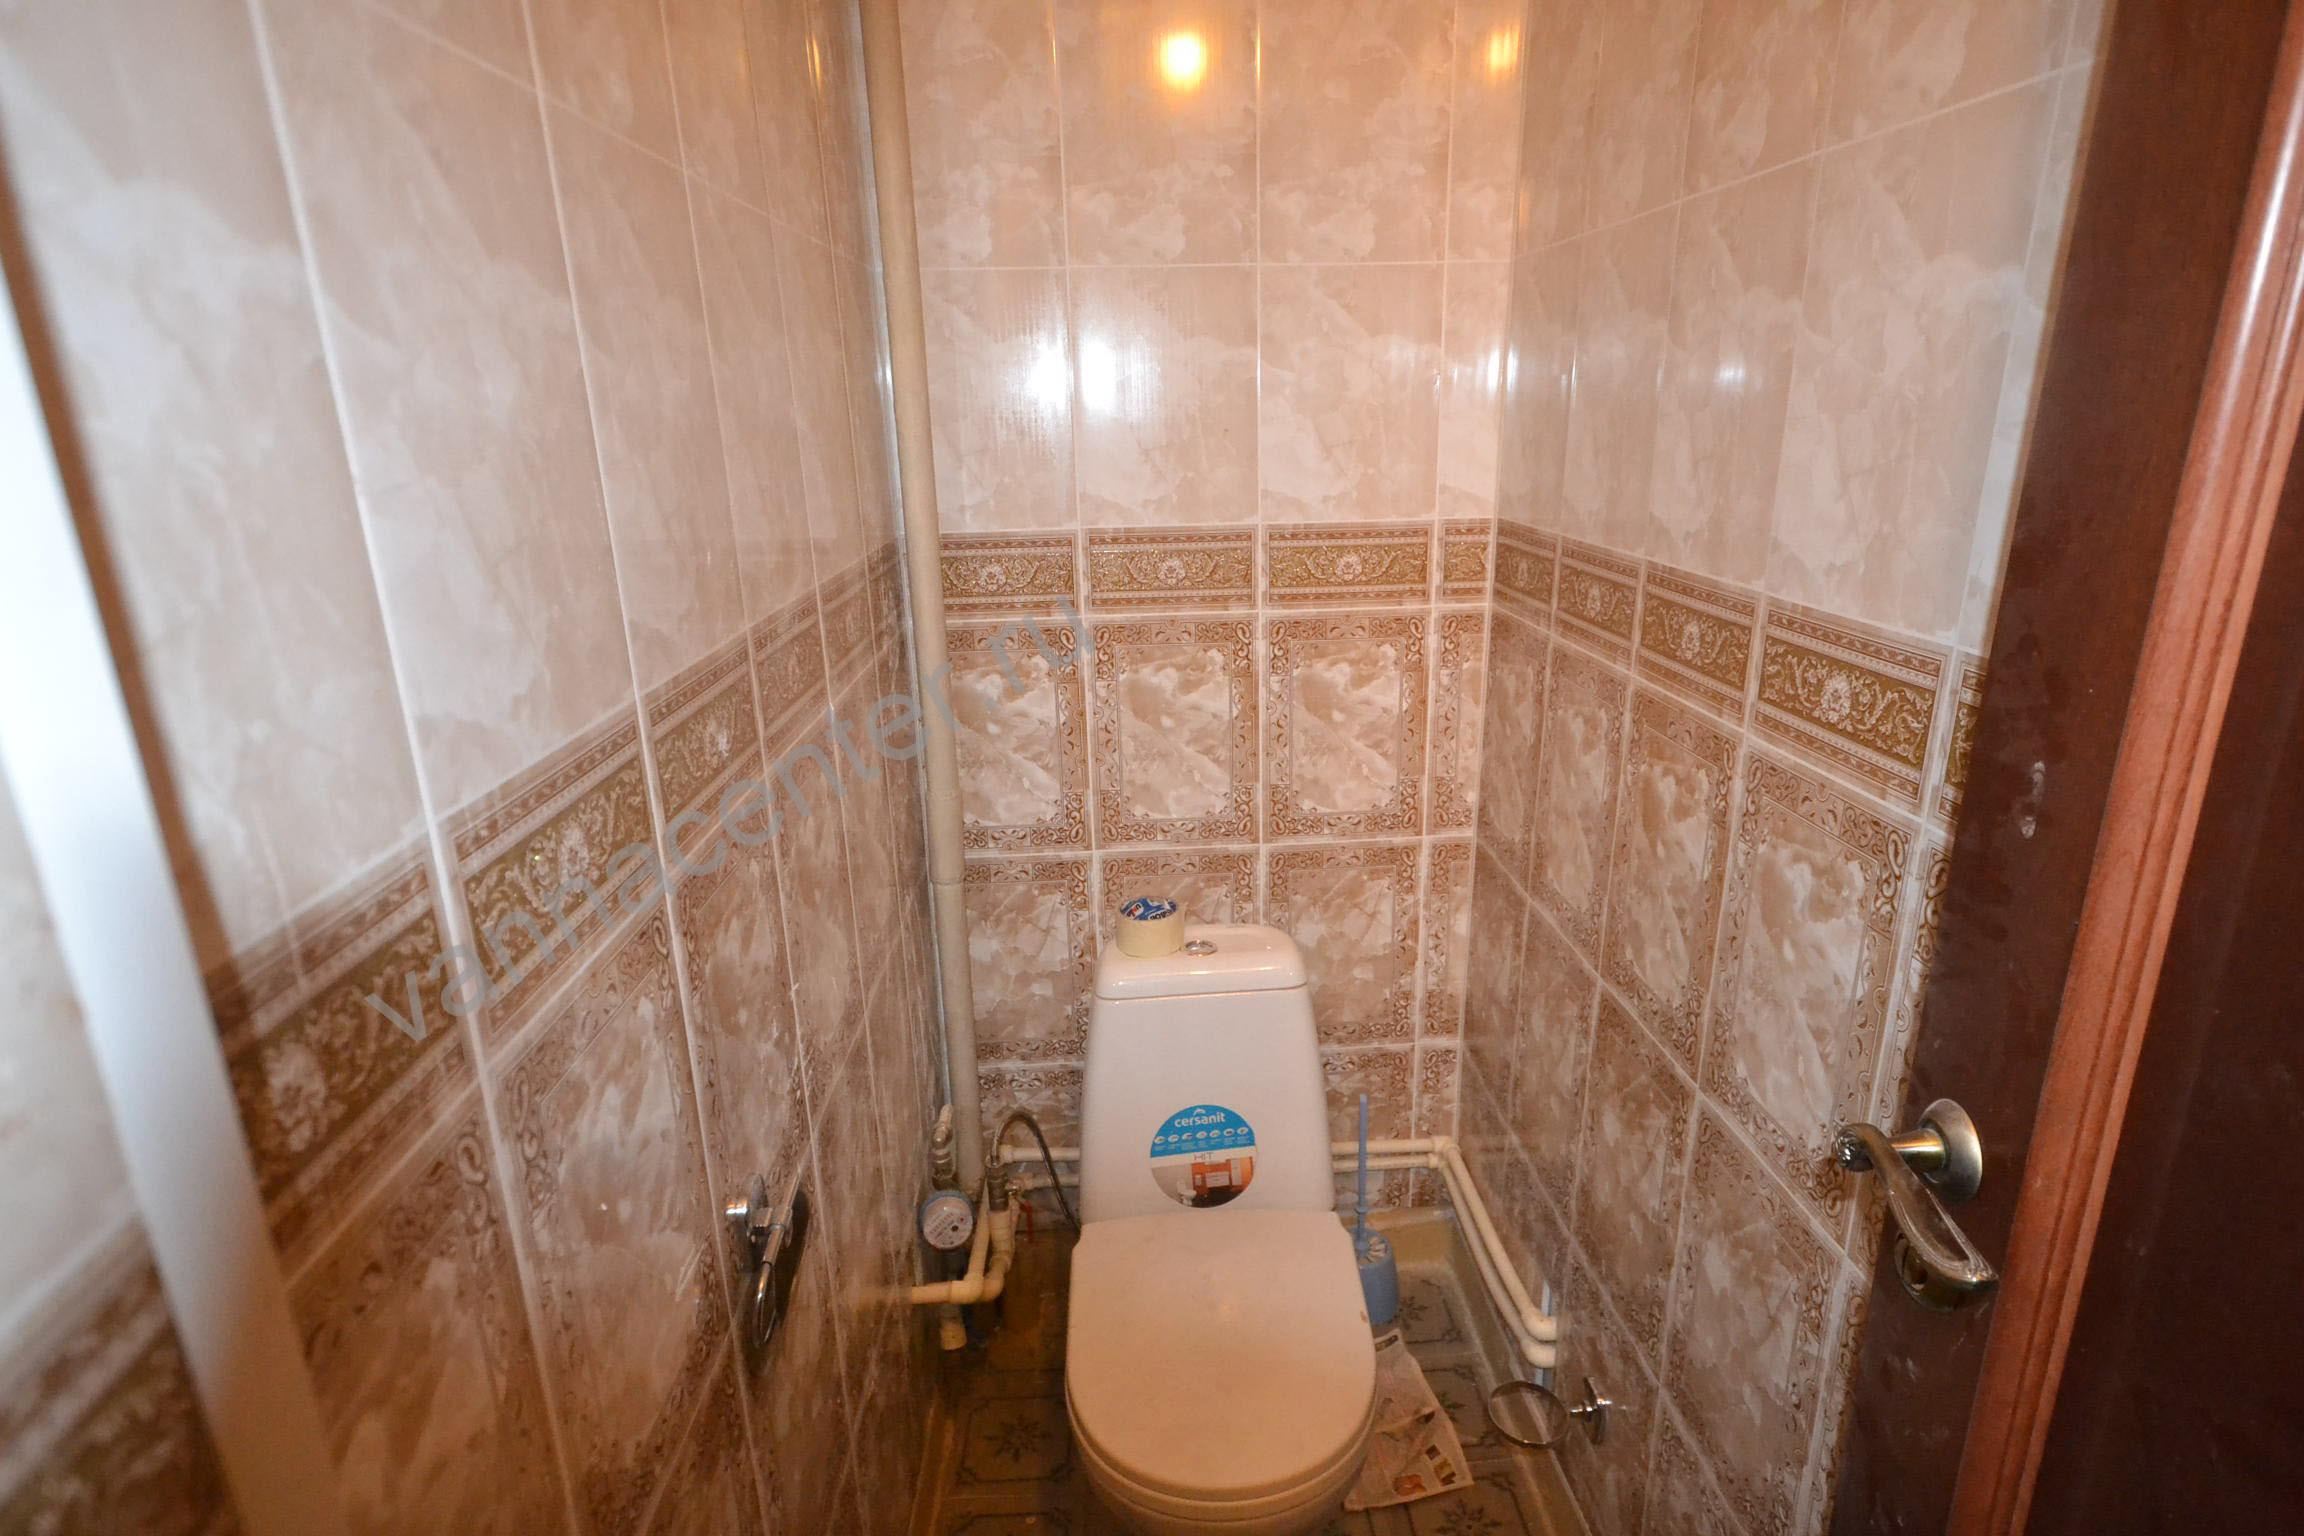 панели пластиковые в ванной комнате фото